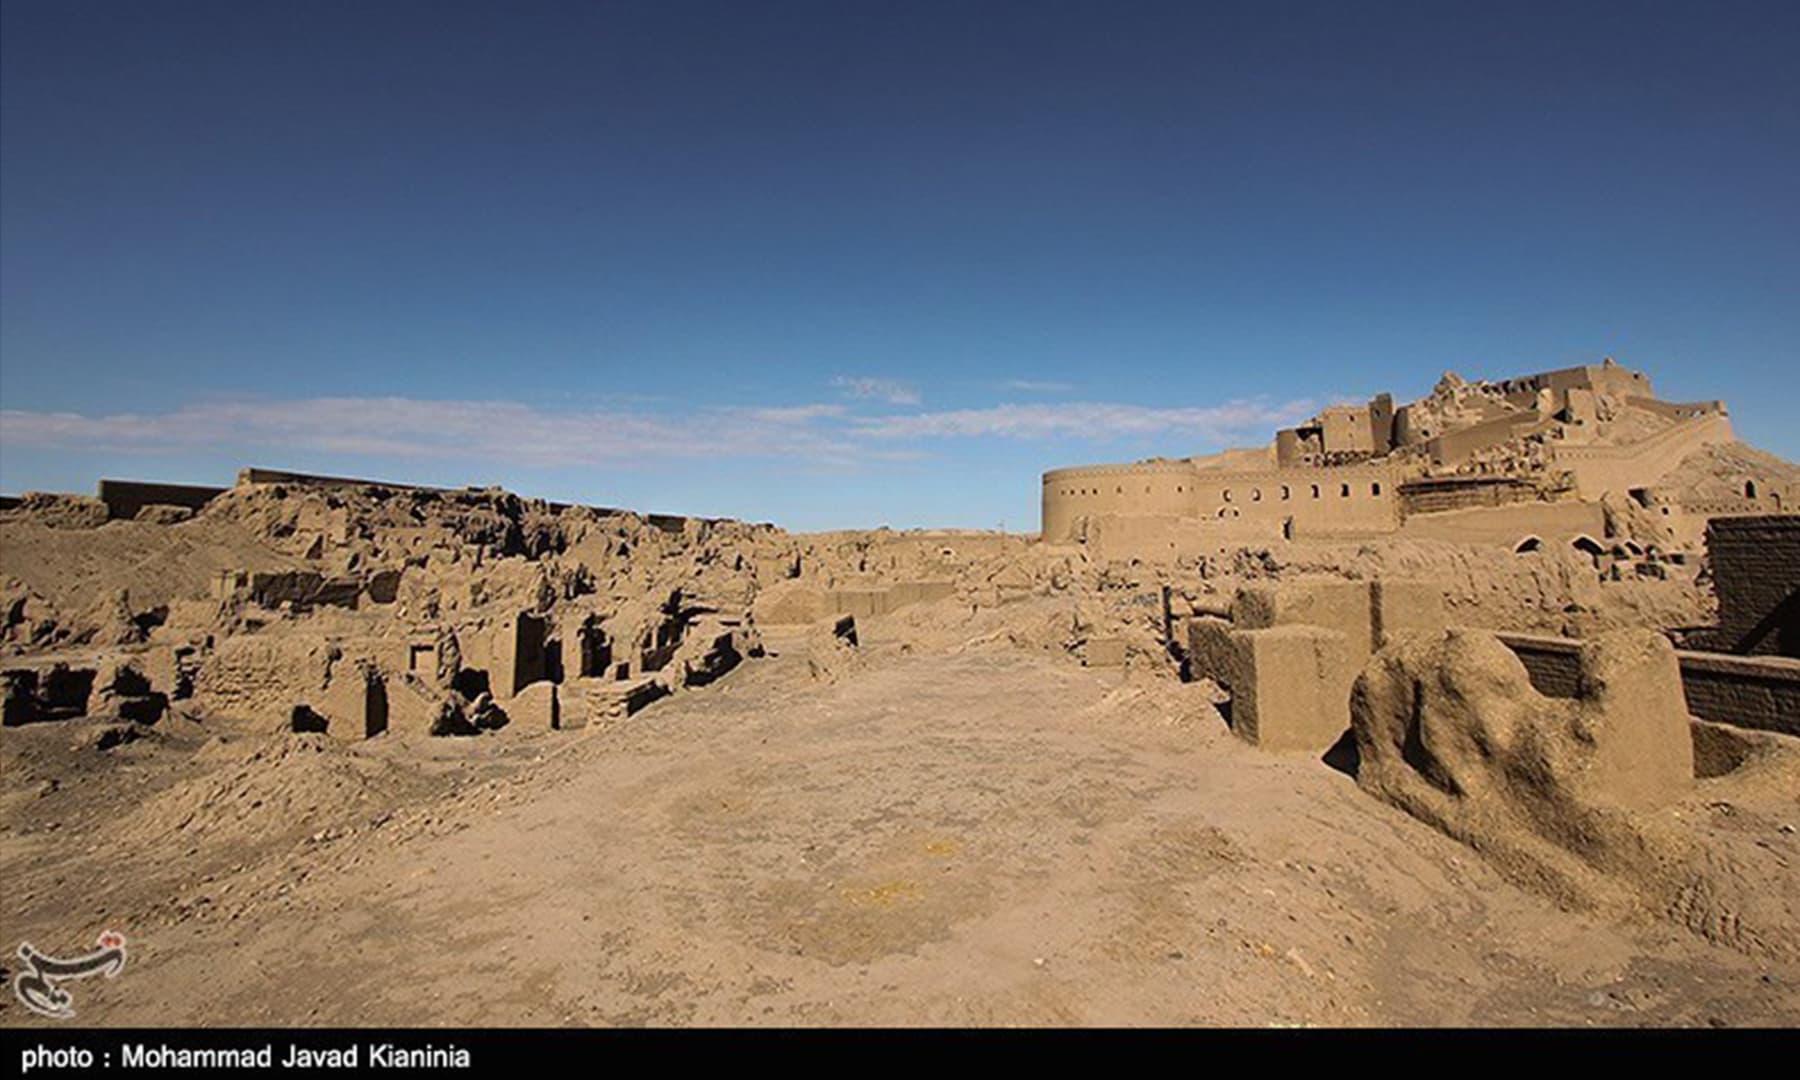 بم کا تاریخی قلعہ